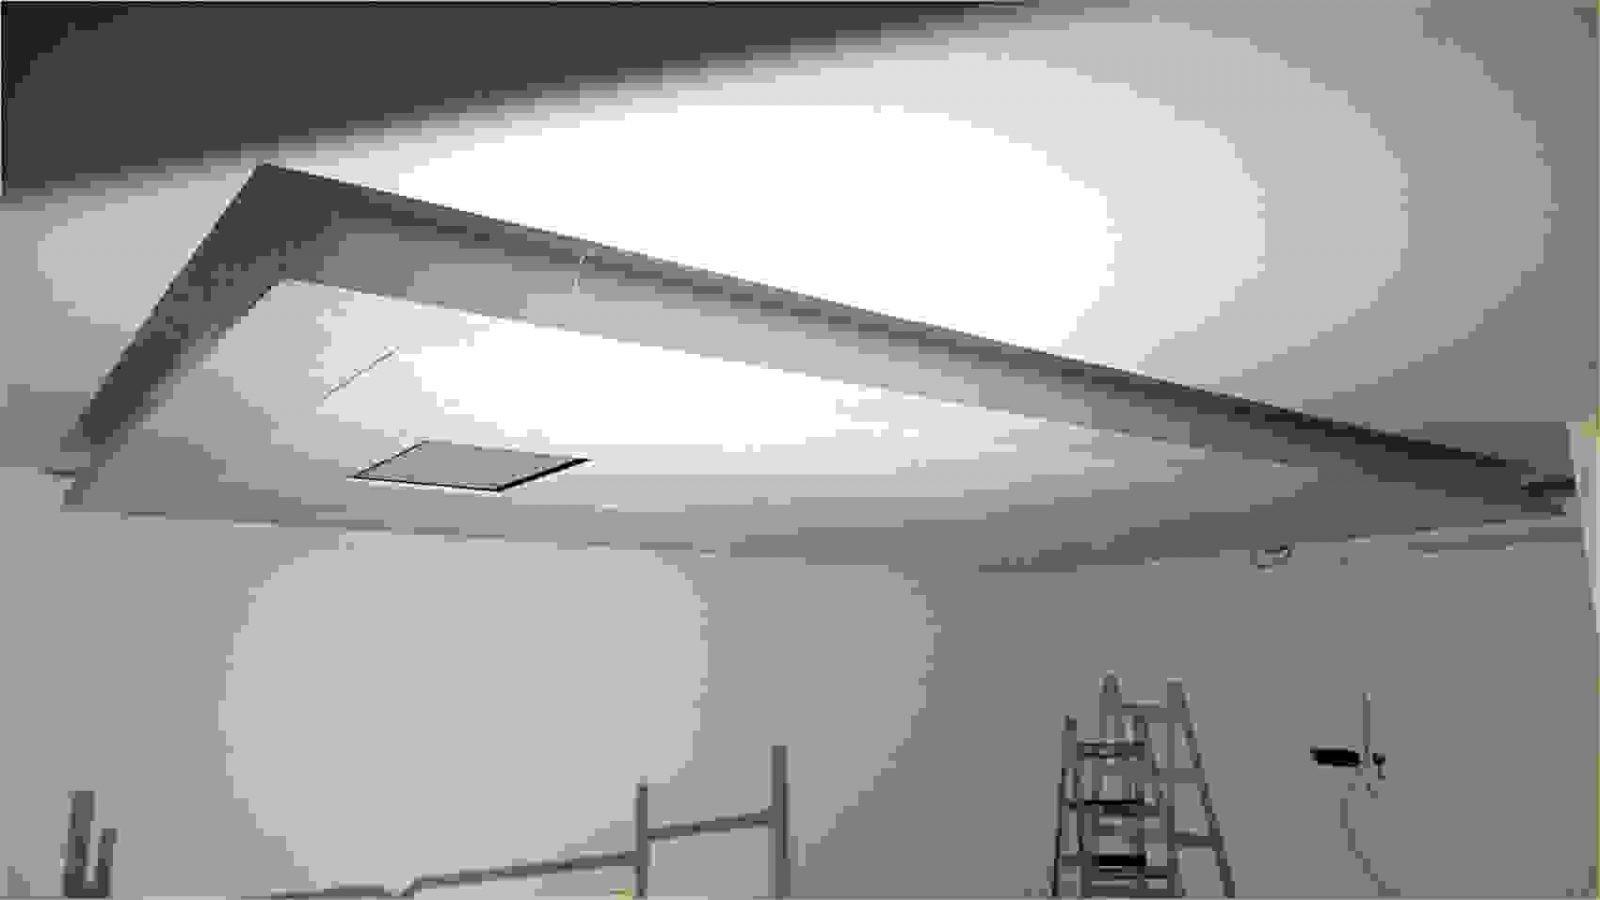 Indirekte Beleuchtung Selber Bauen Rigips  Almo Drg von Indirekte Beleuchtung Selber Bauen Rigips Bild